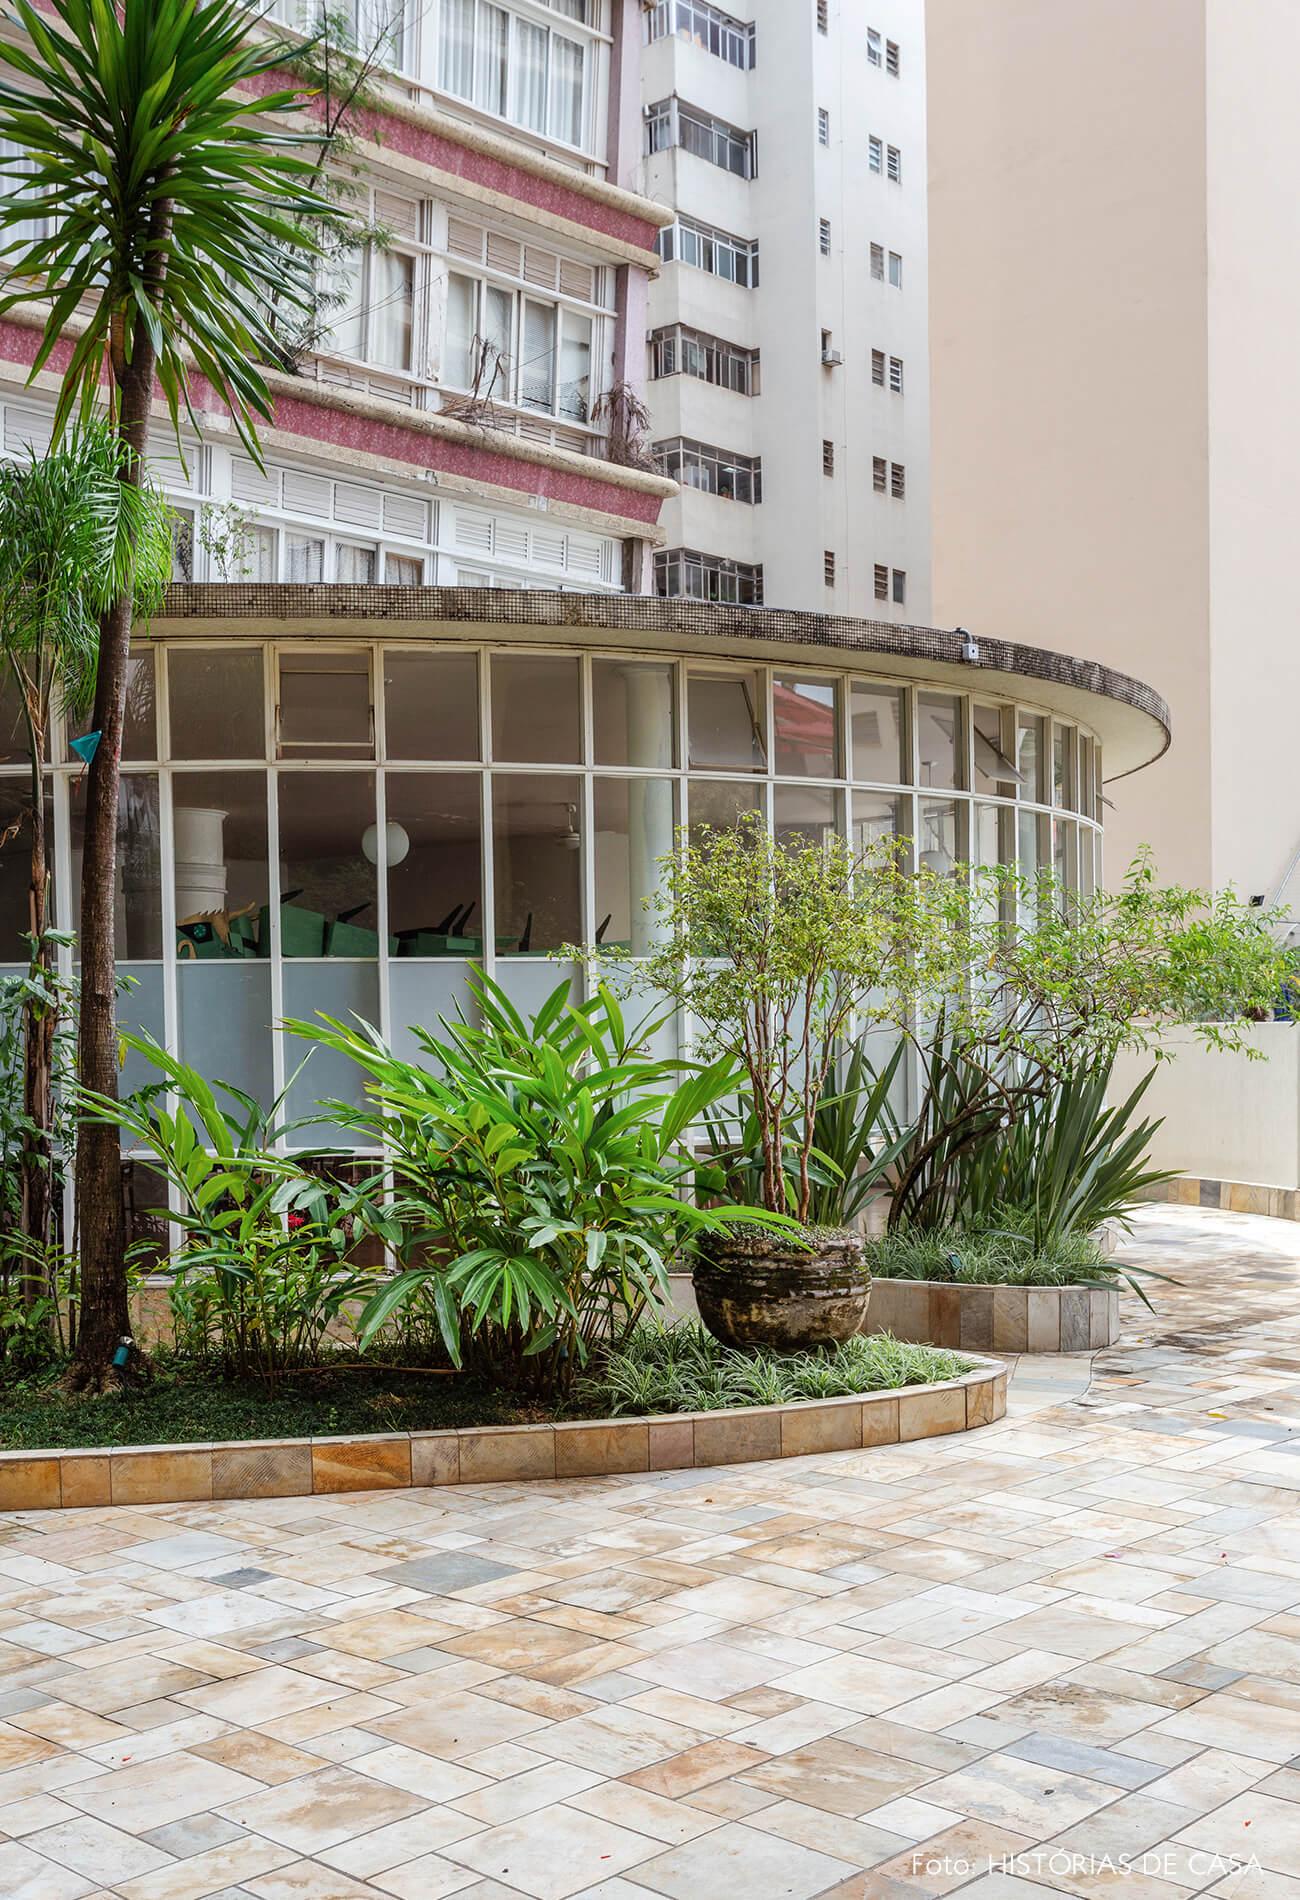 Salão de festas do Edifício Parque das Hortênsias, de Artacho Jurado